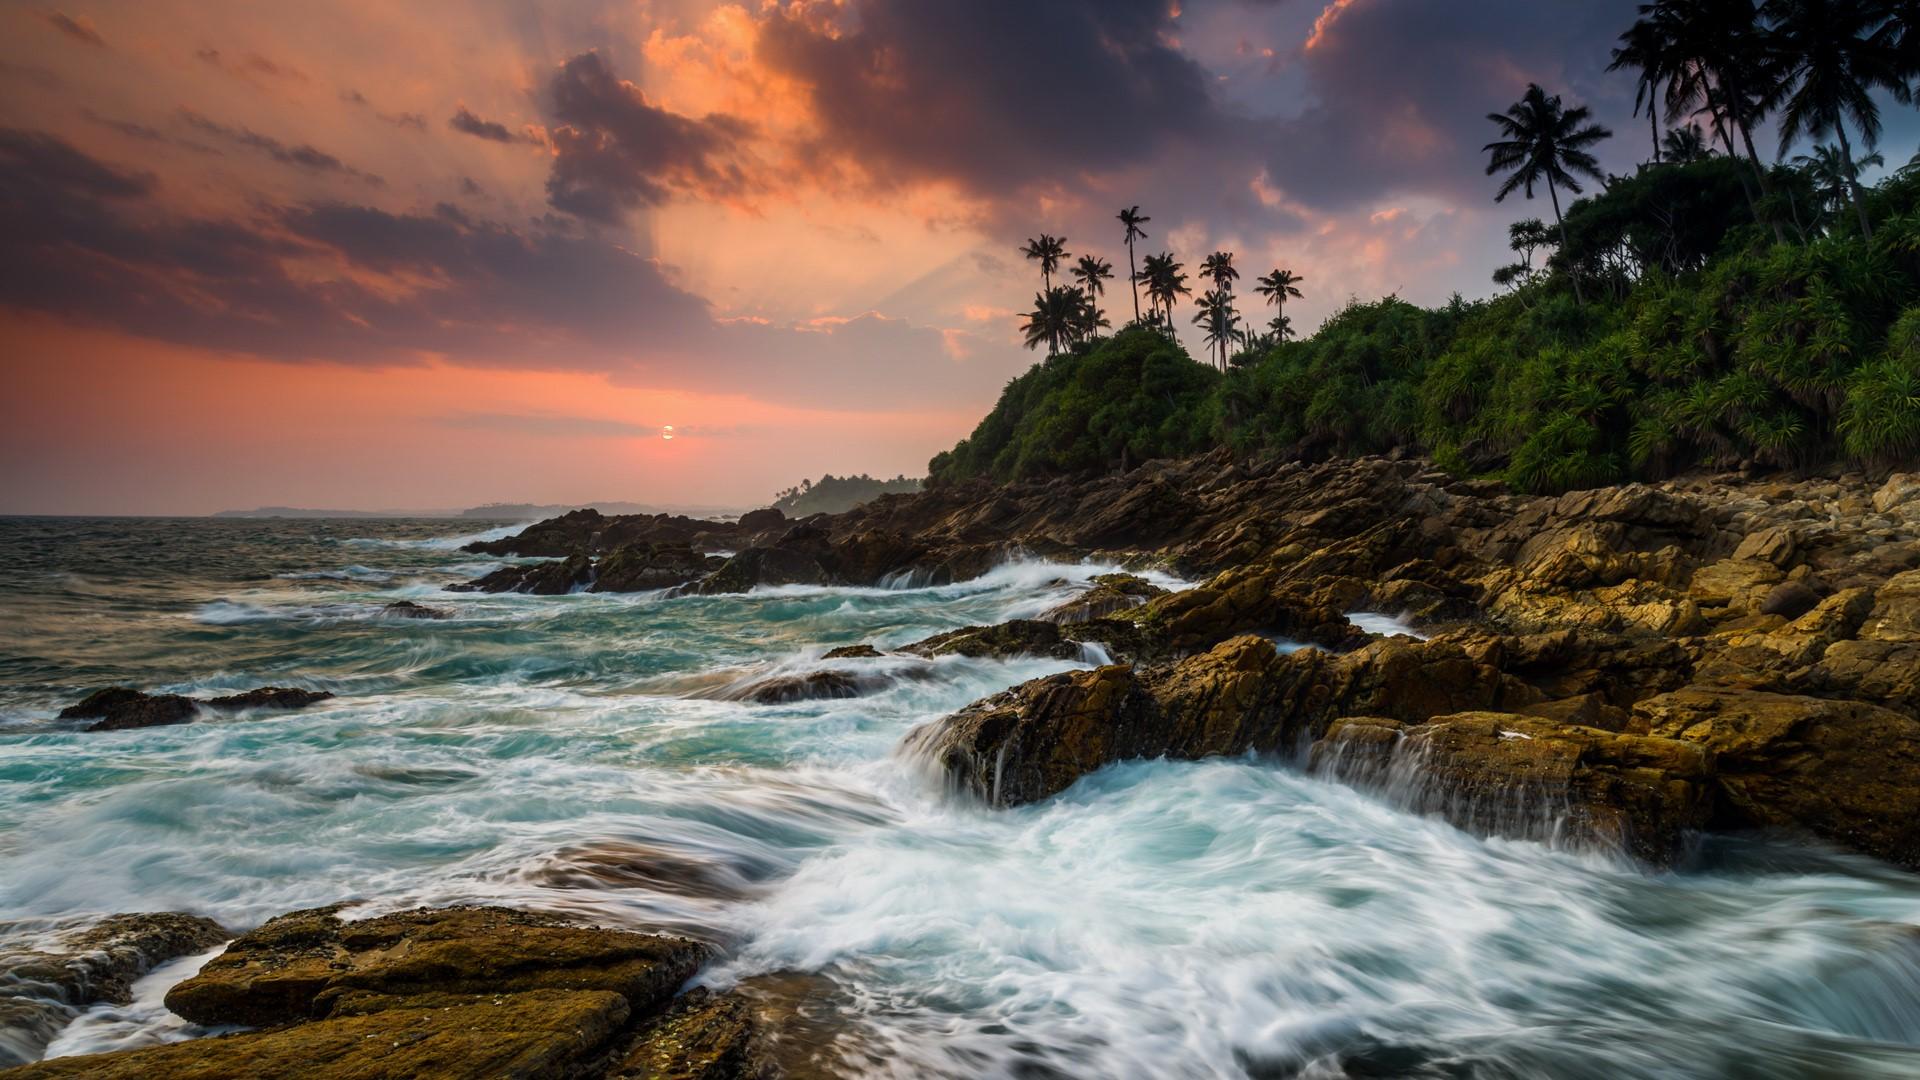 Sunset on the rocky shore, Tangalle, Sri Lanka   Windows 10 ...